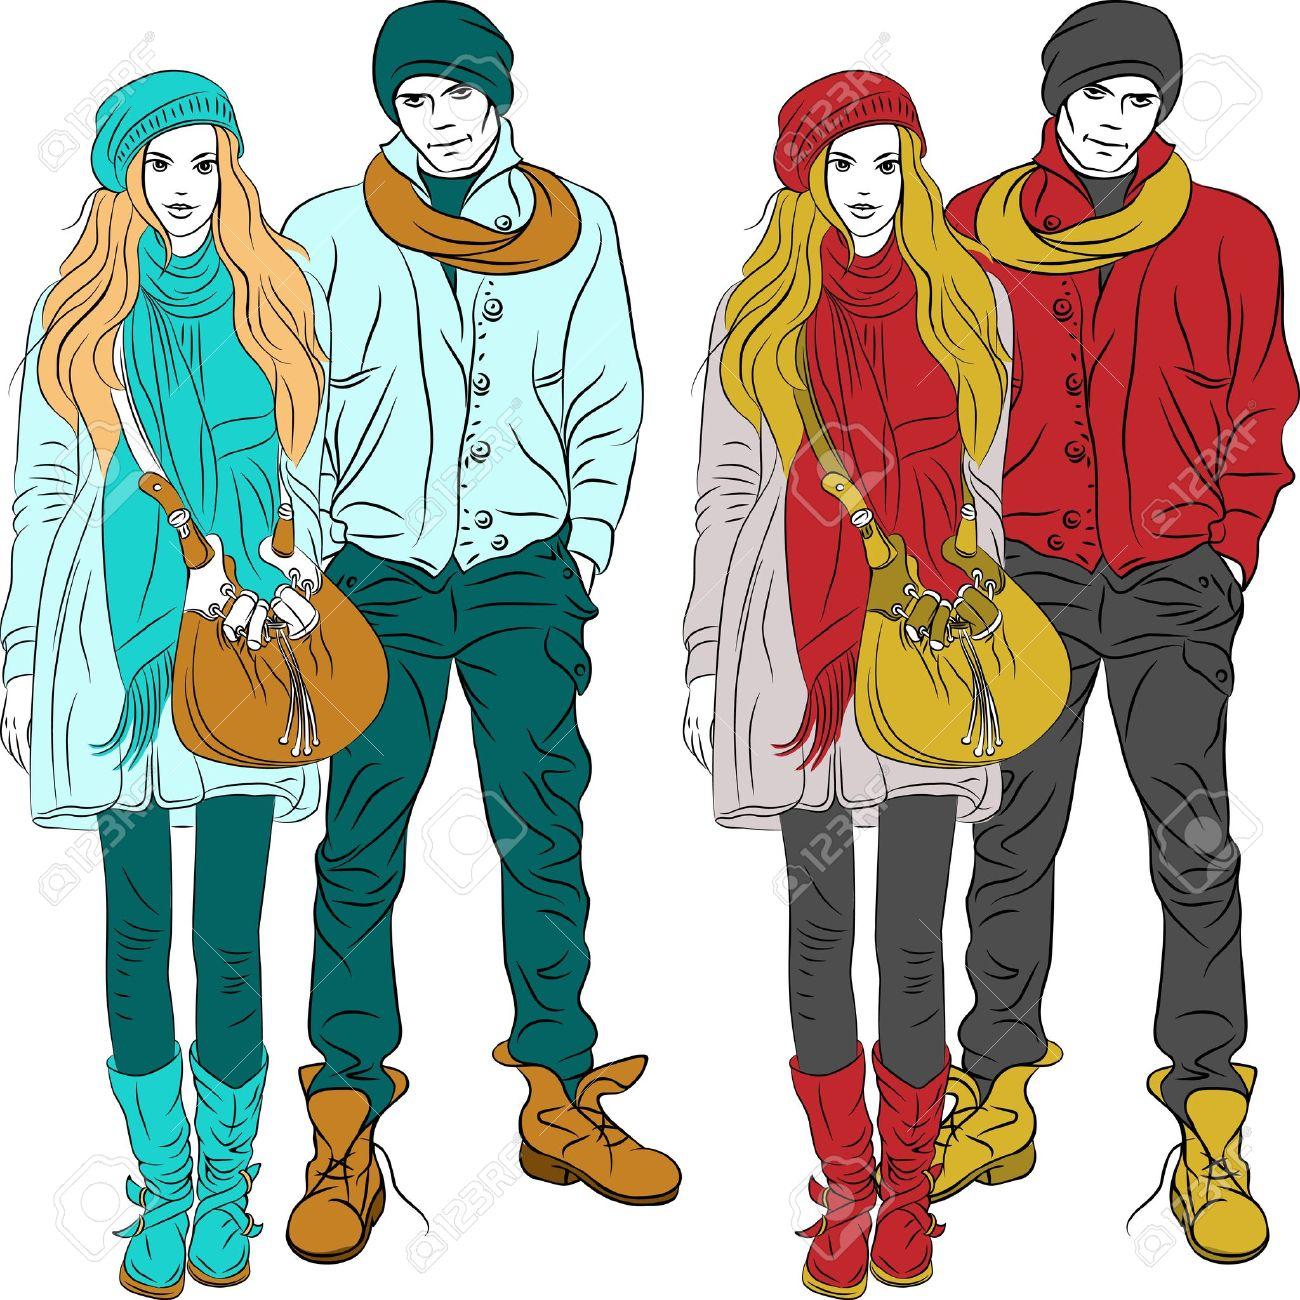 establecer chico y una chica con estilo de la moda en ropa de abrigo en dos